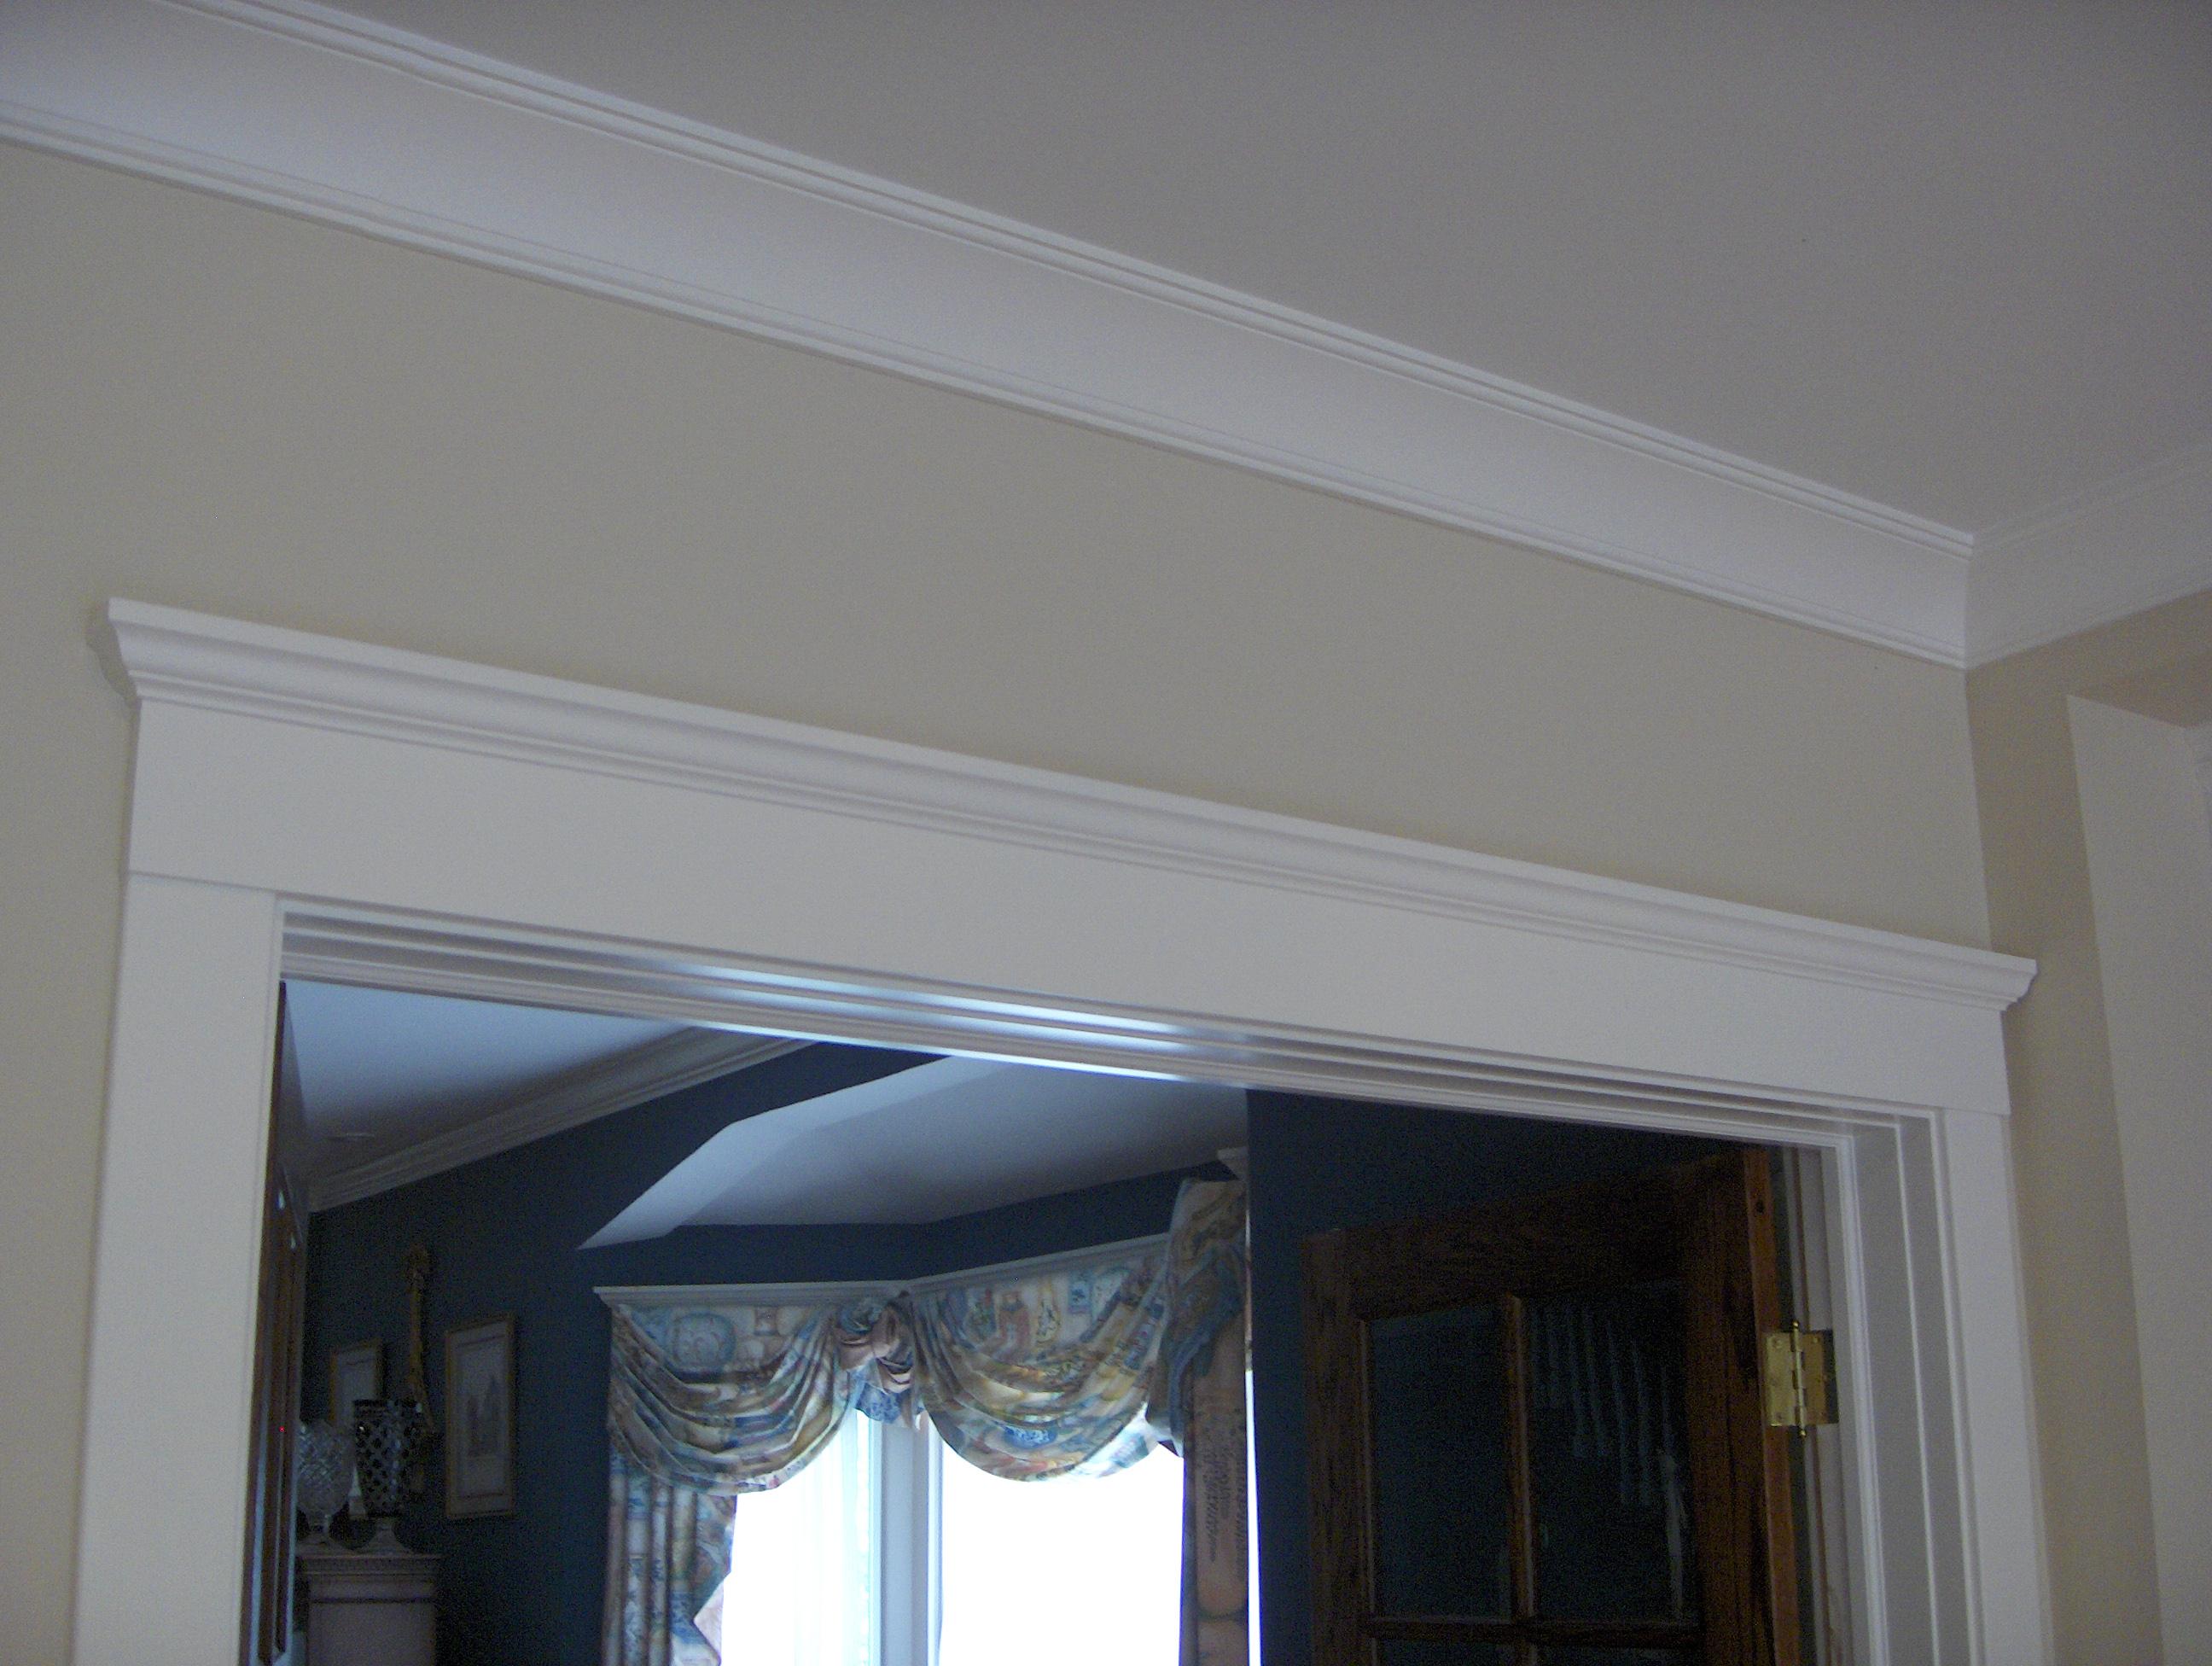 Doorway Trim Molding Crown Molding Doors Trim Moulding Window Moulding Trim Moulds